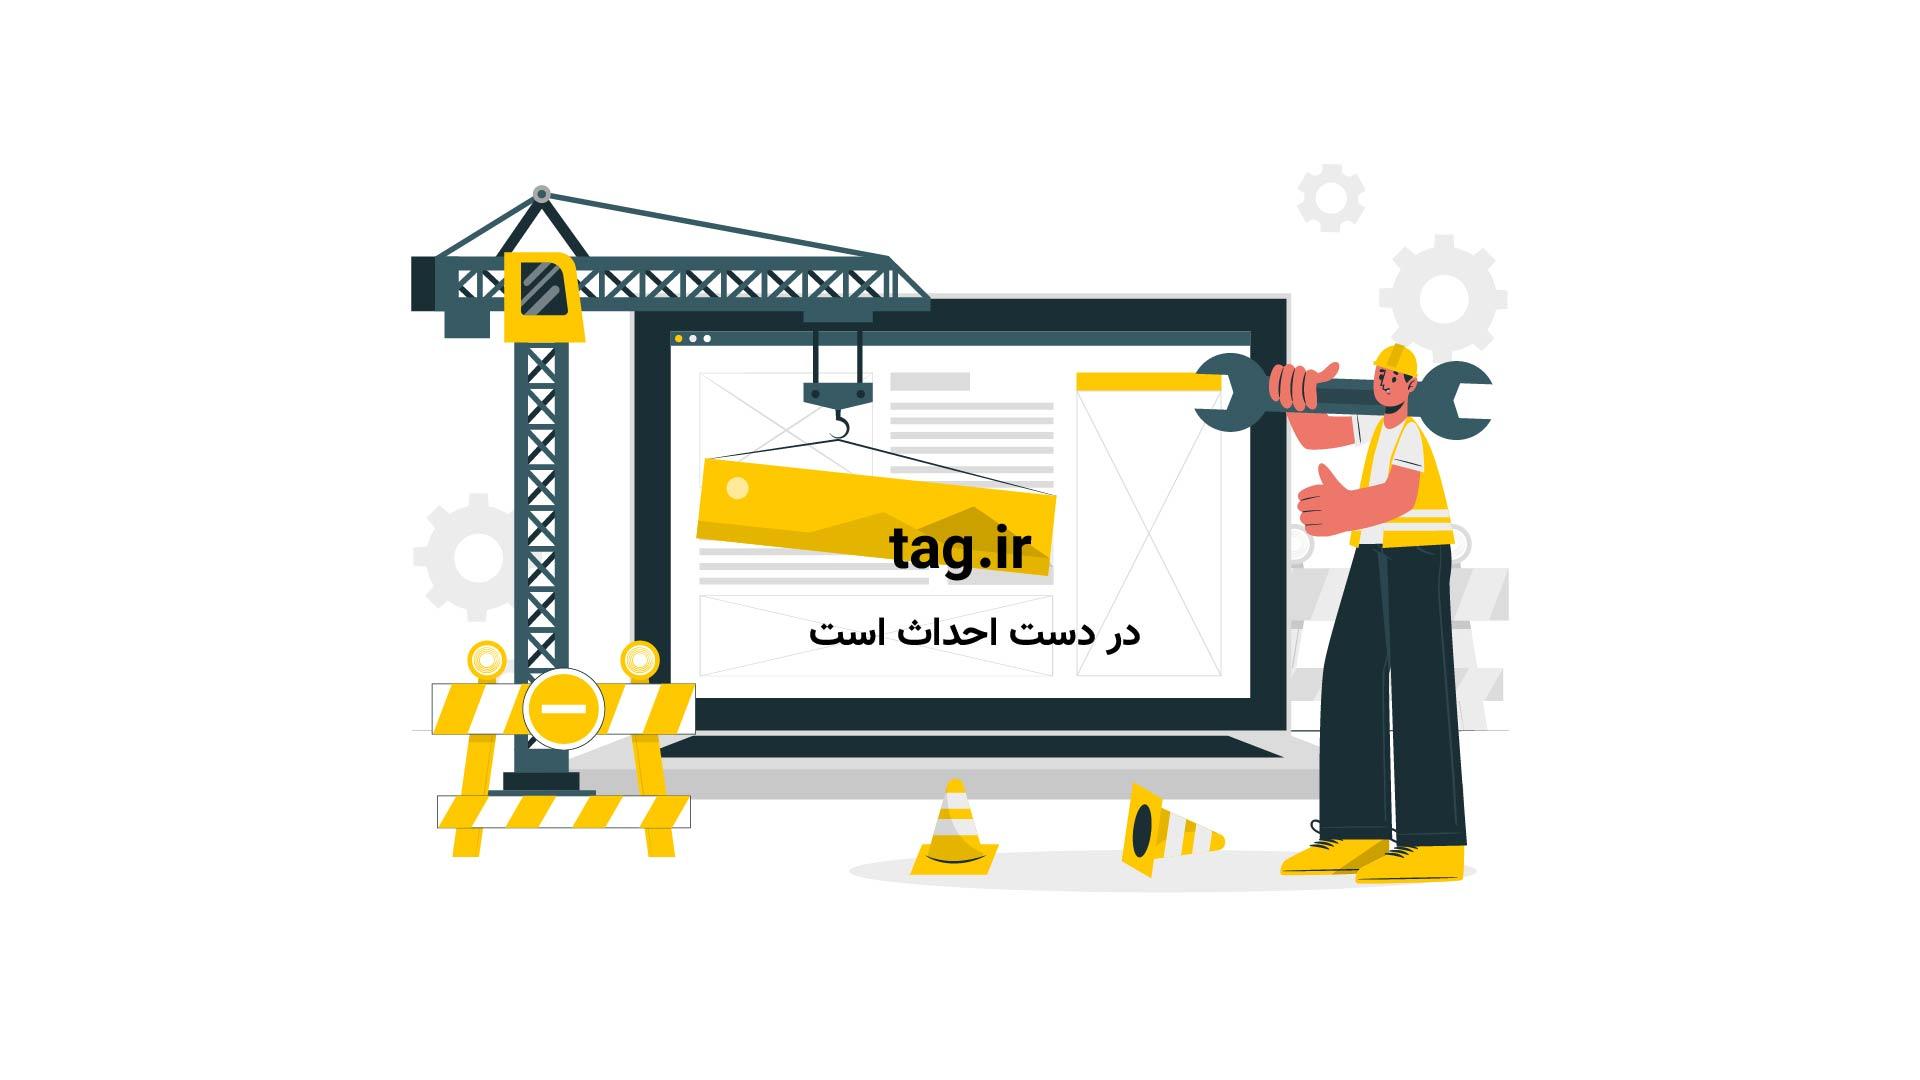 نماهنگ تصویری حاج محمود کریمی ویژه اربعین | فیلم